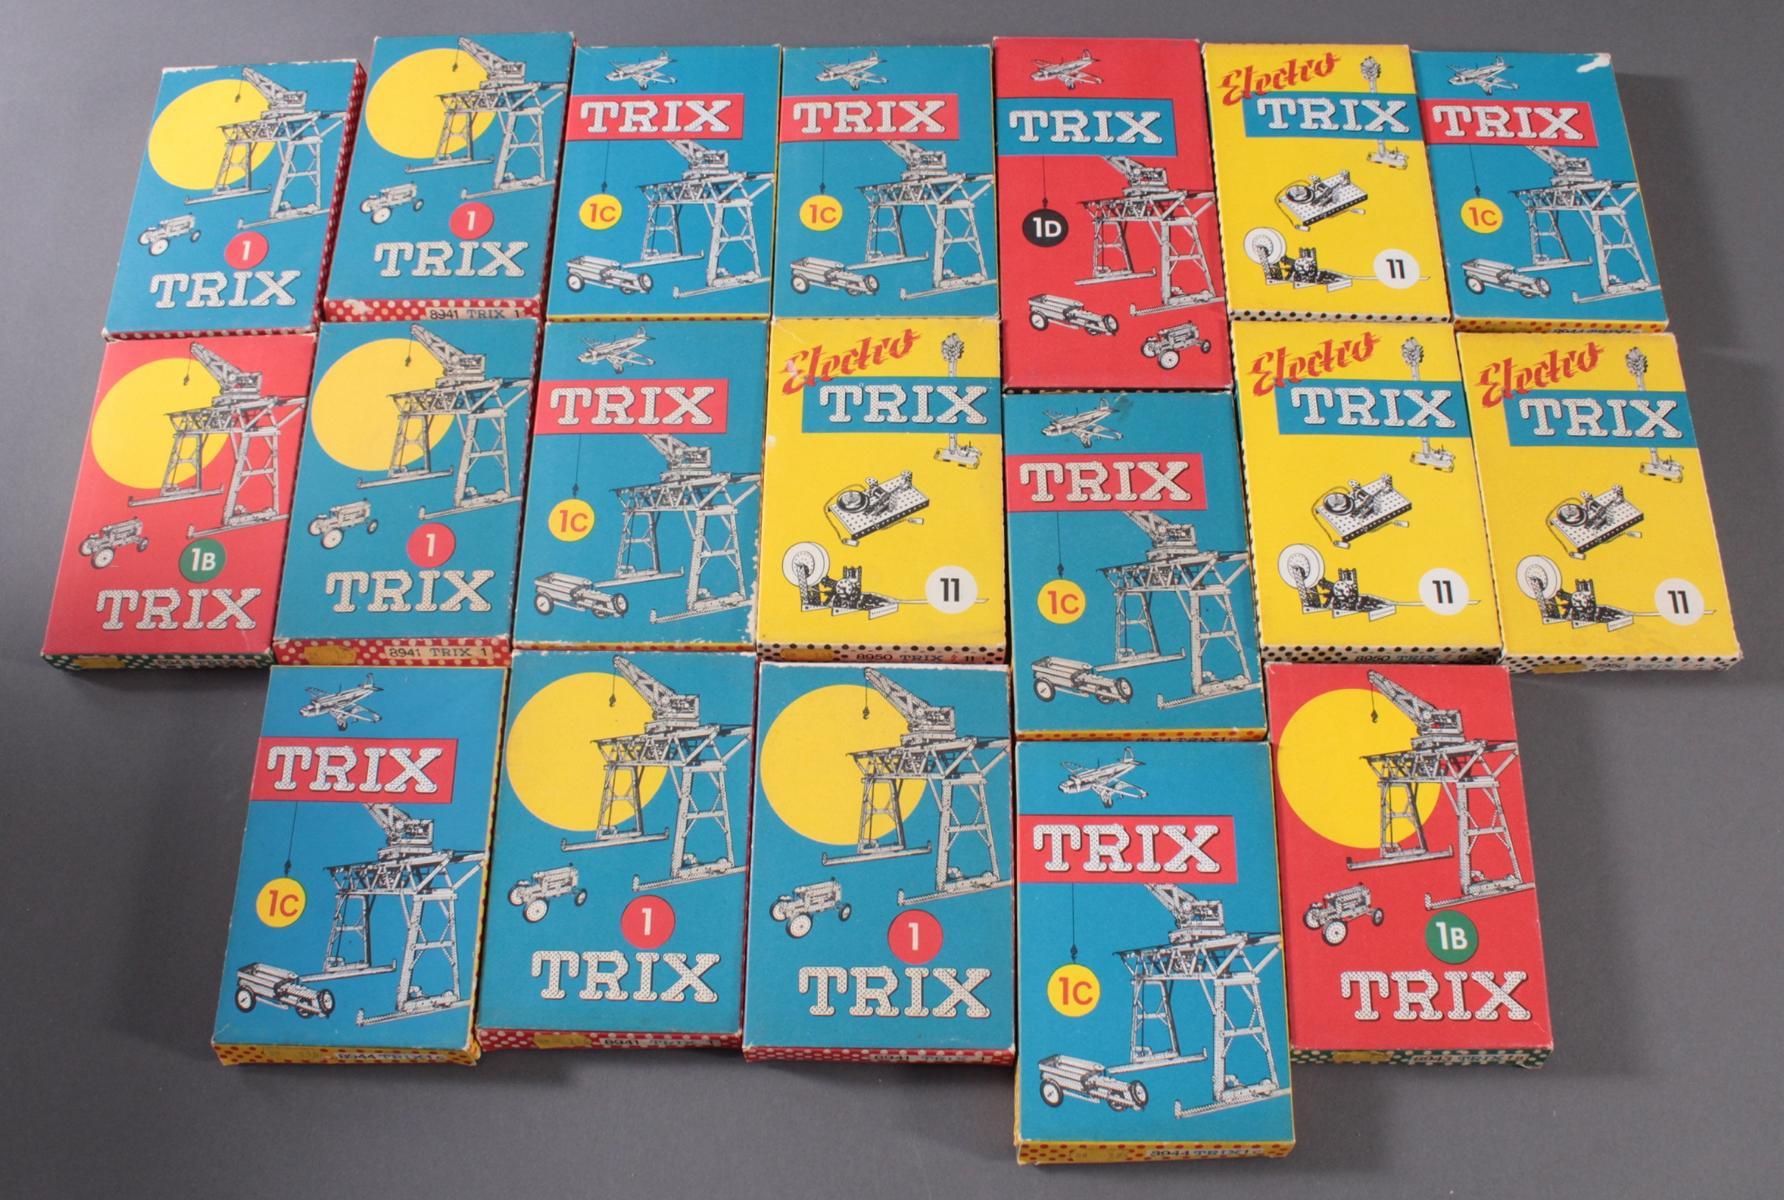 TRIX Metallbaukästen, 1, 1b, 1c, 1d und 11 (Elektro)-6